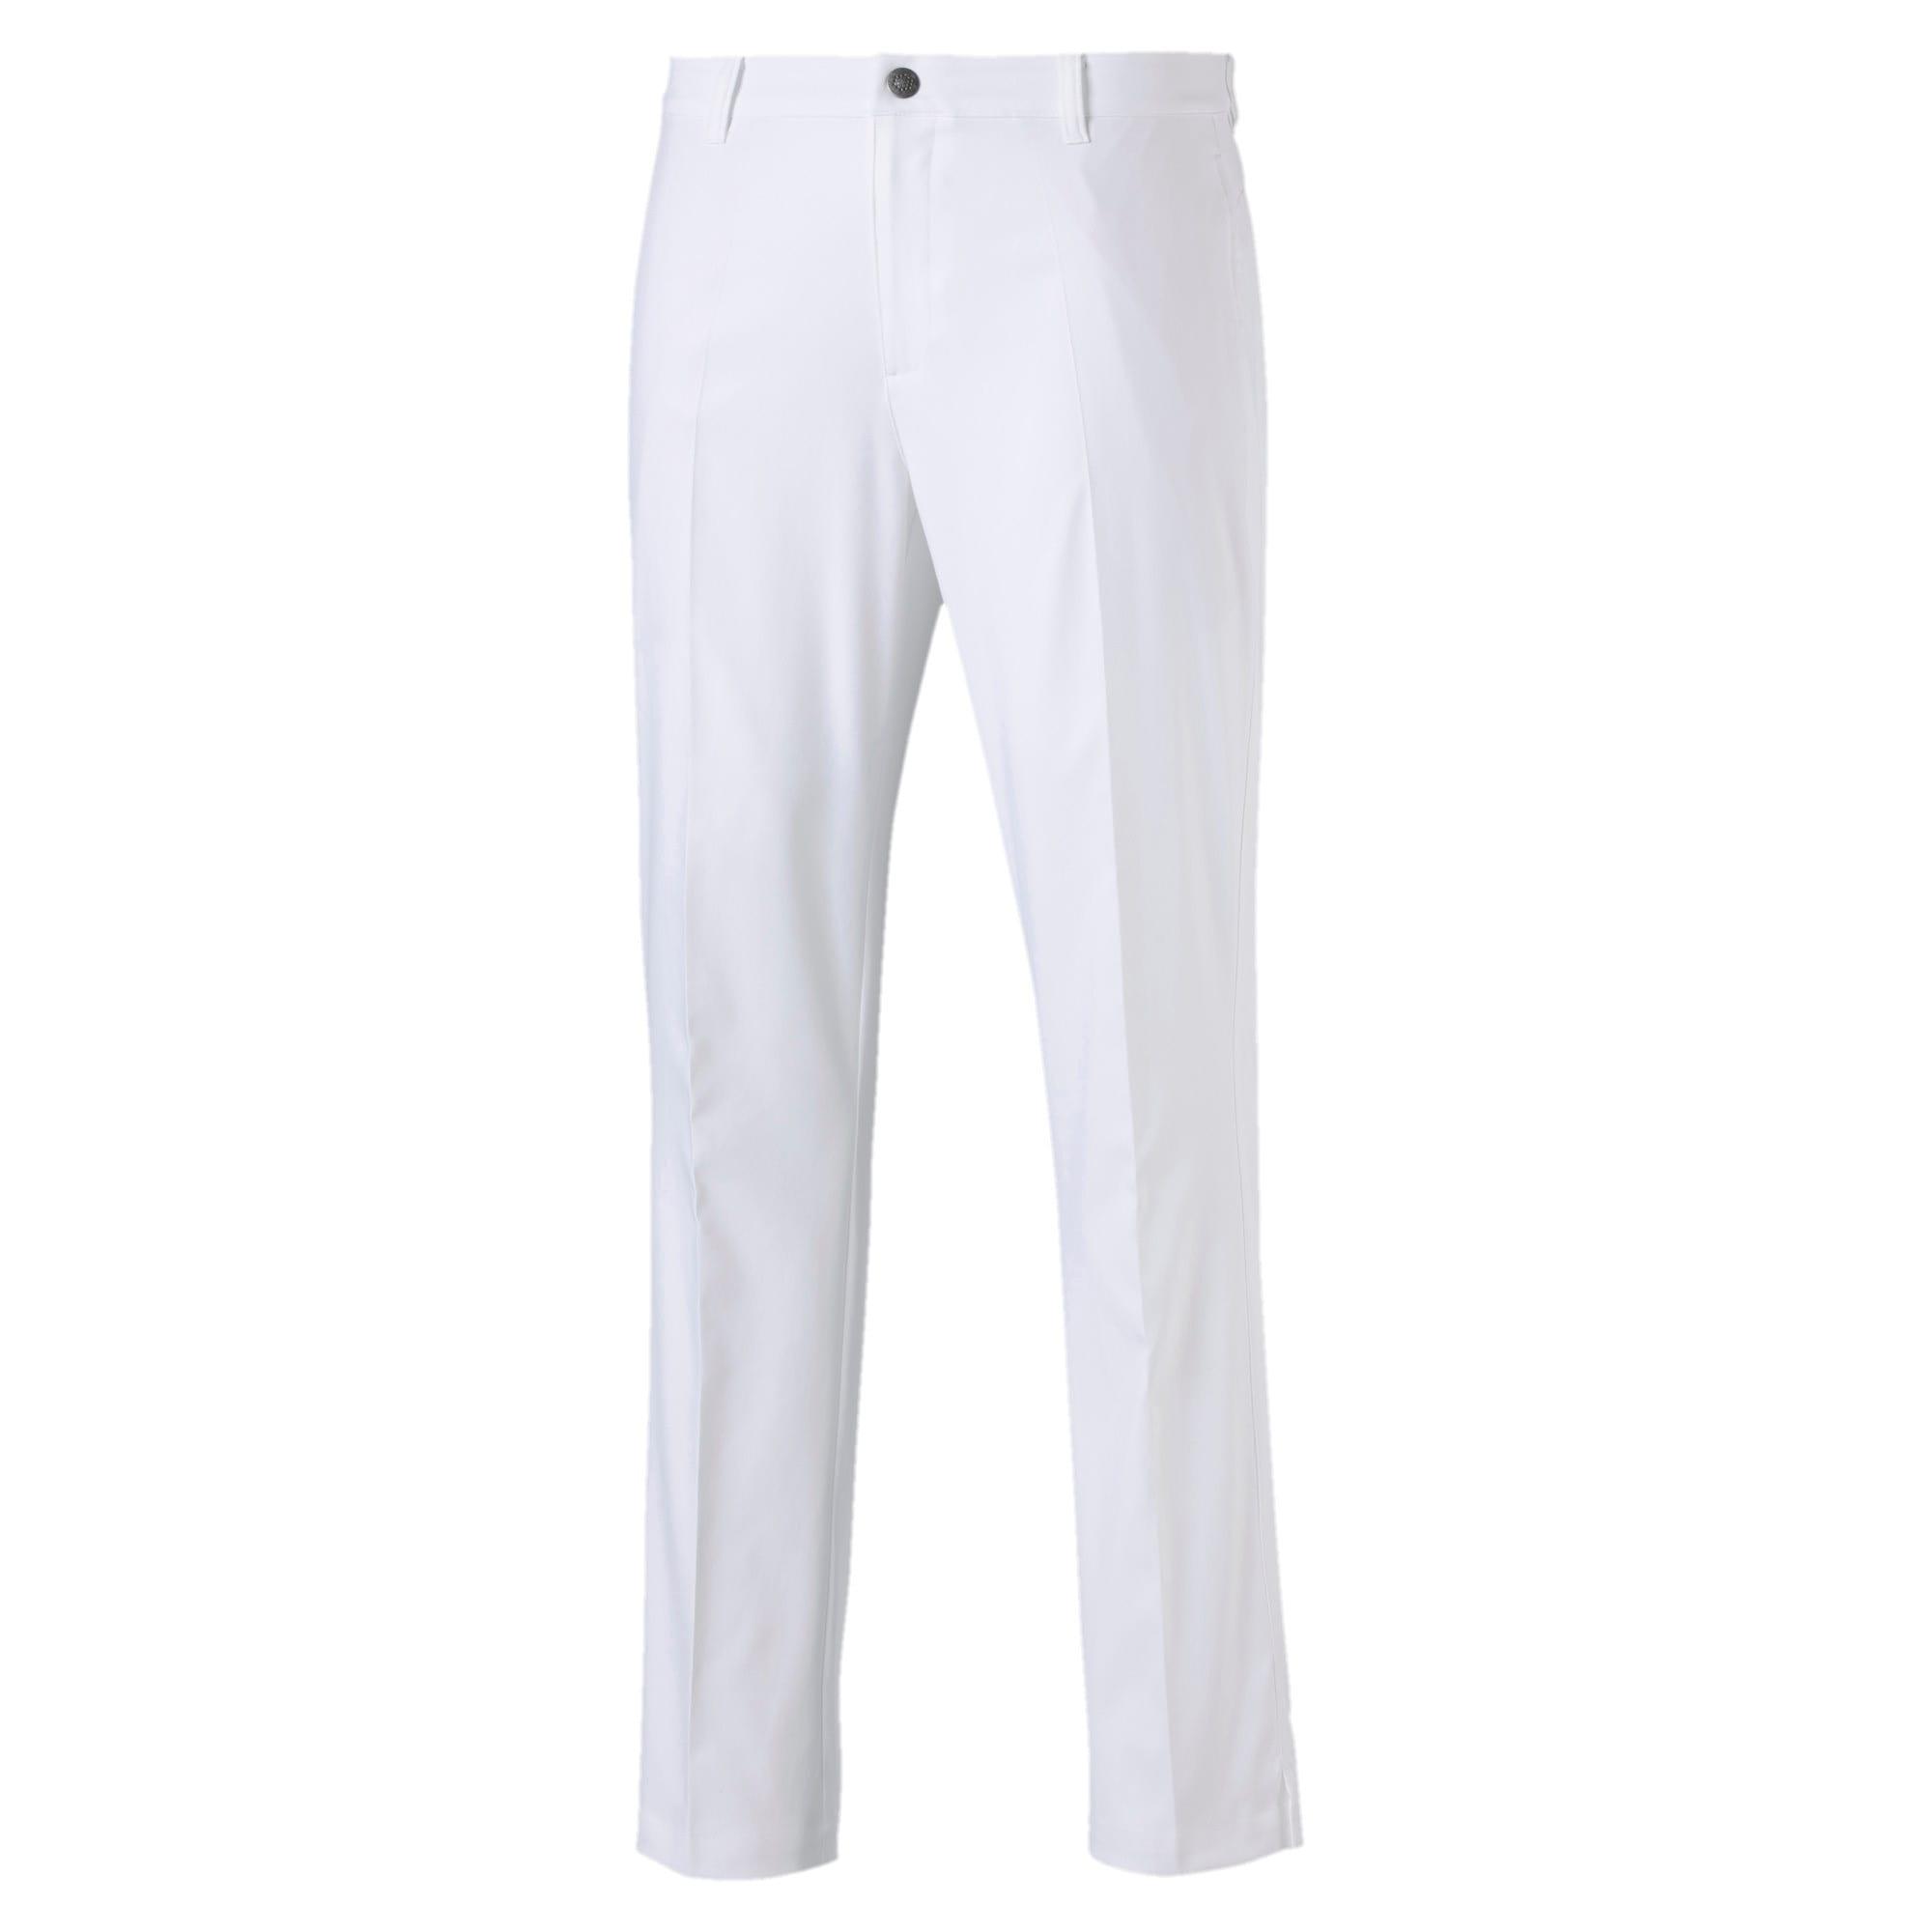 Thumbnail 1 of Jackpot Men's Pants, Bright White, medium